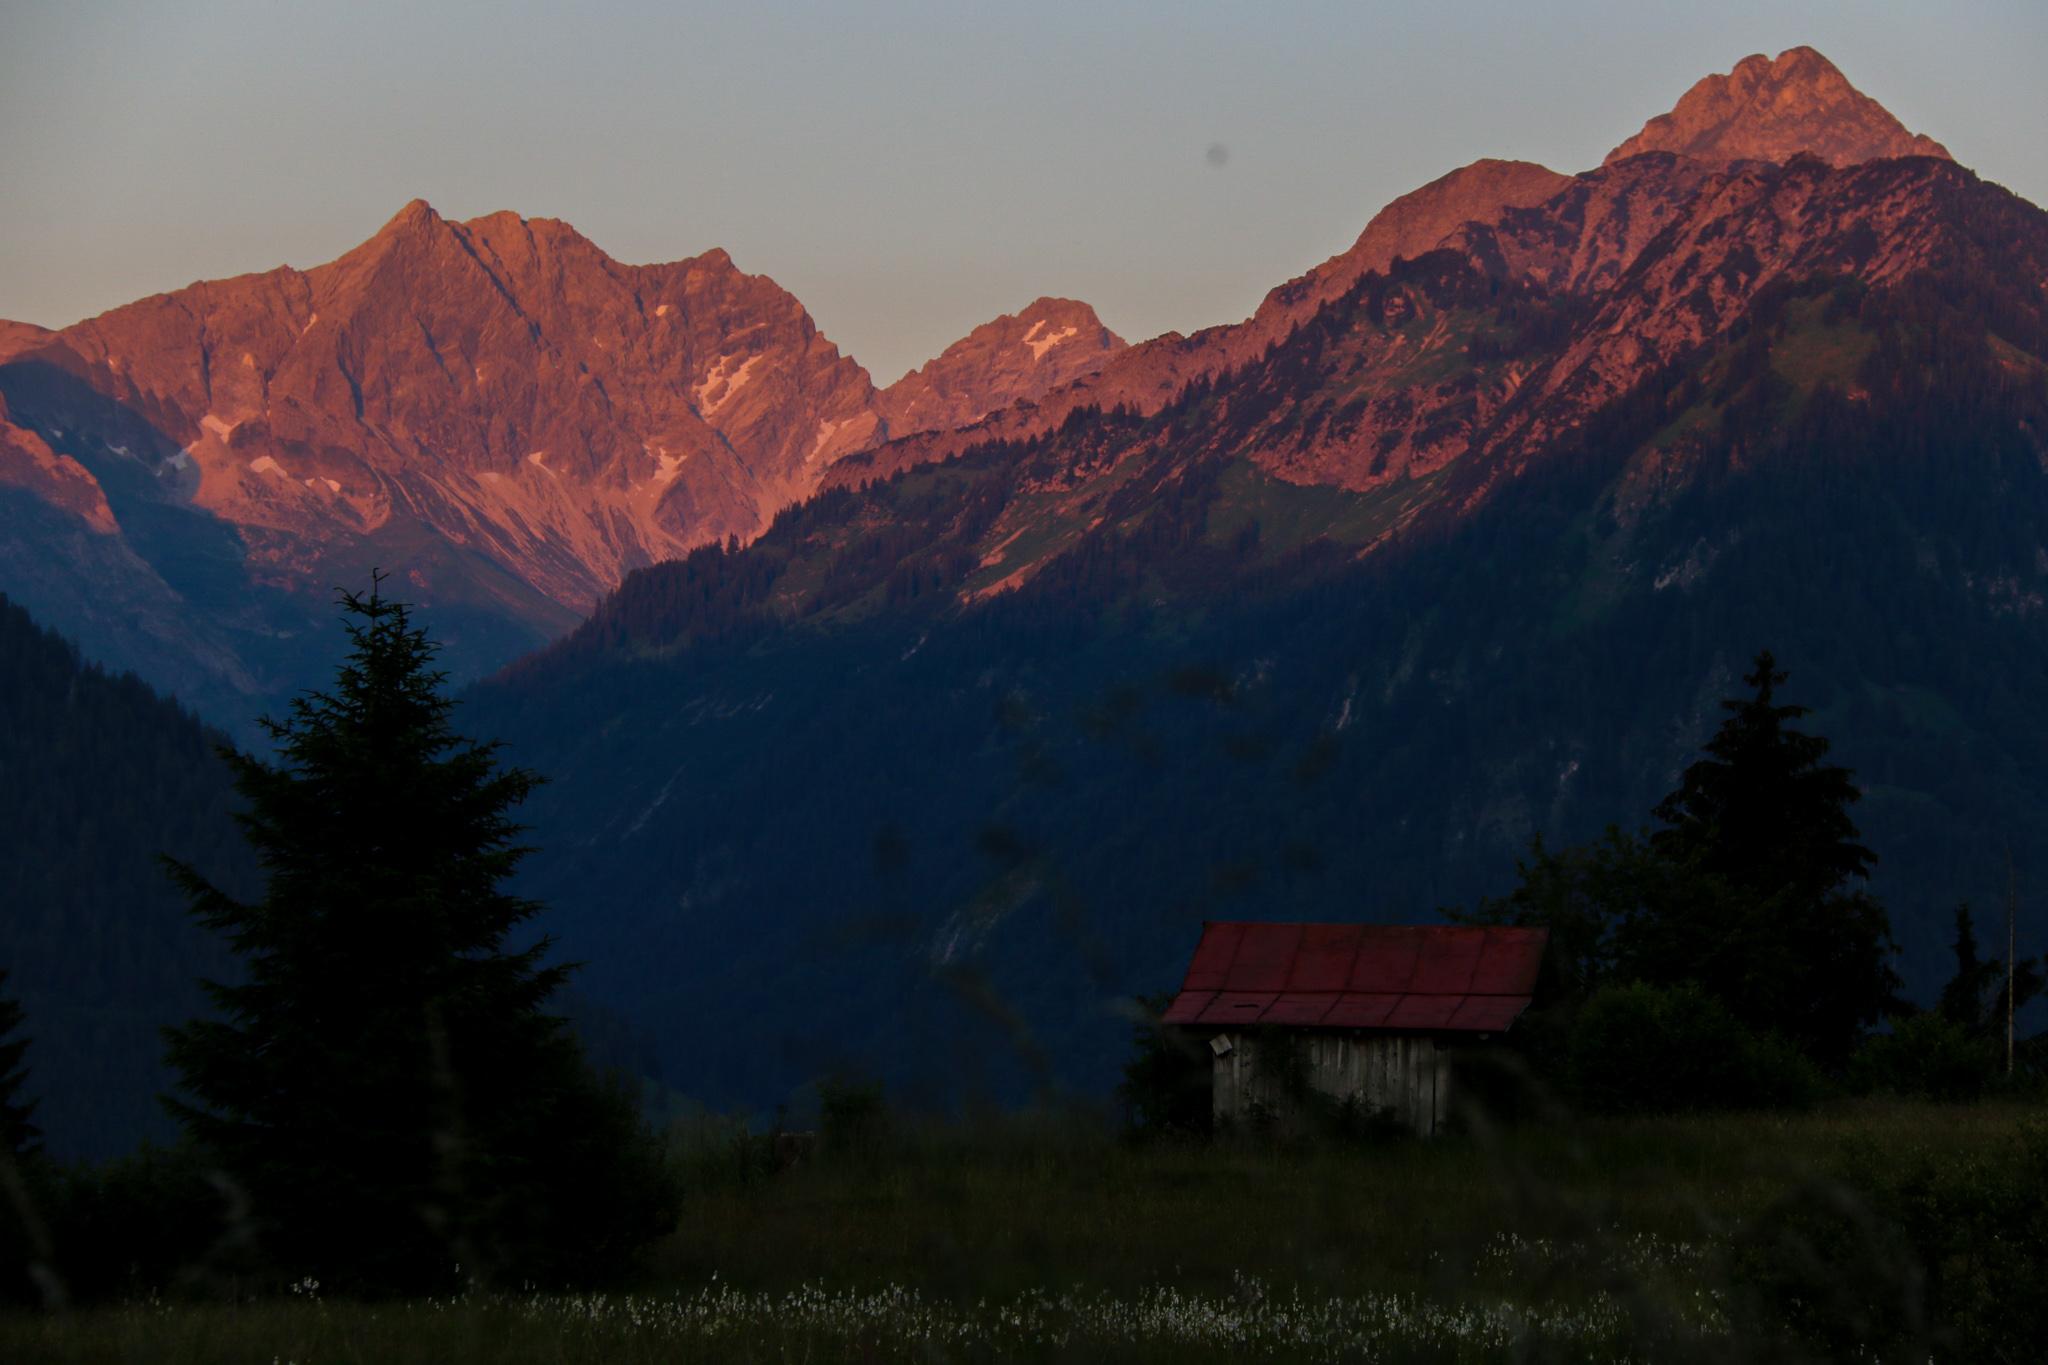 Sonnenuntergang in den Allgäuer Alpen